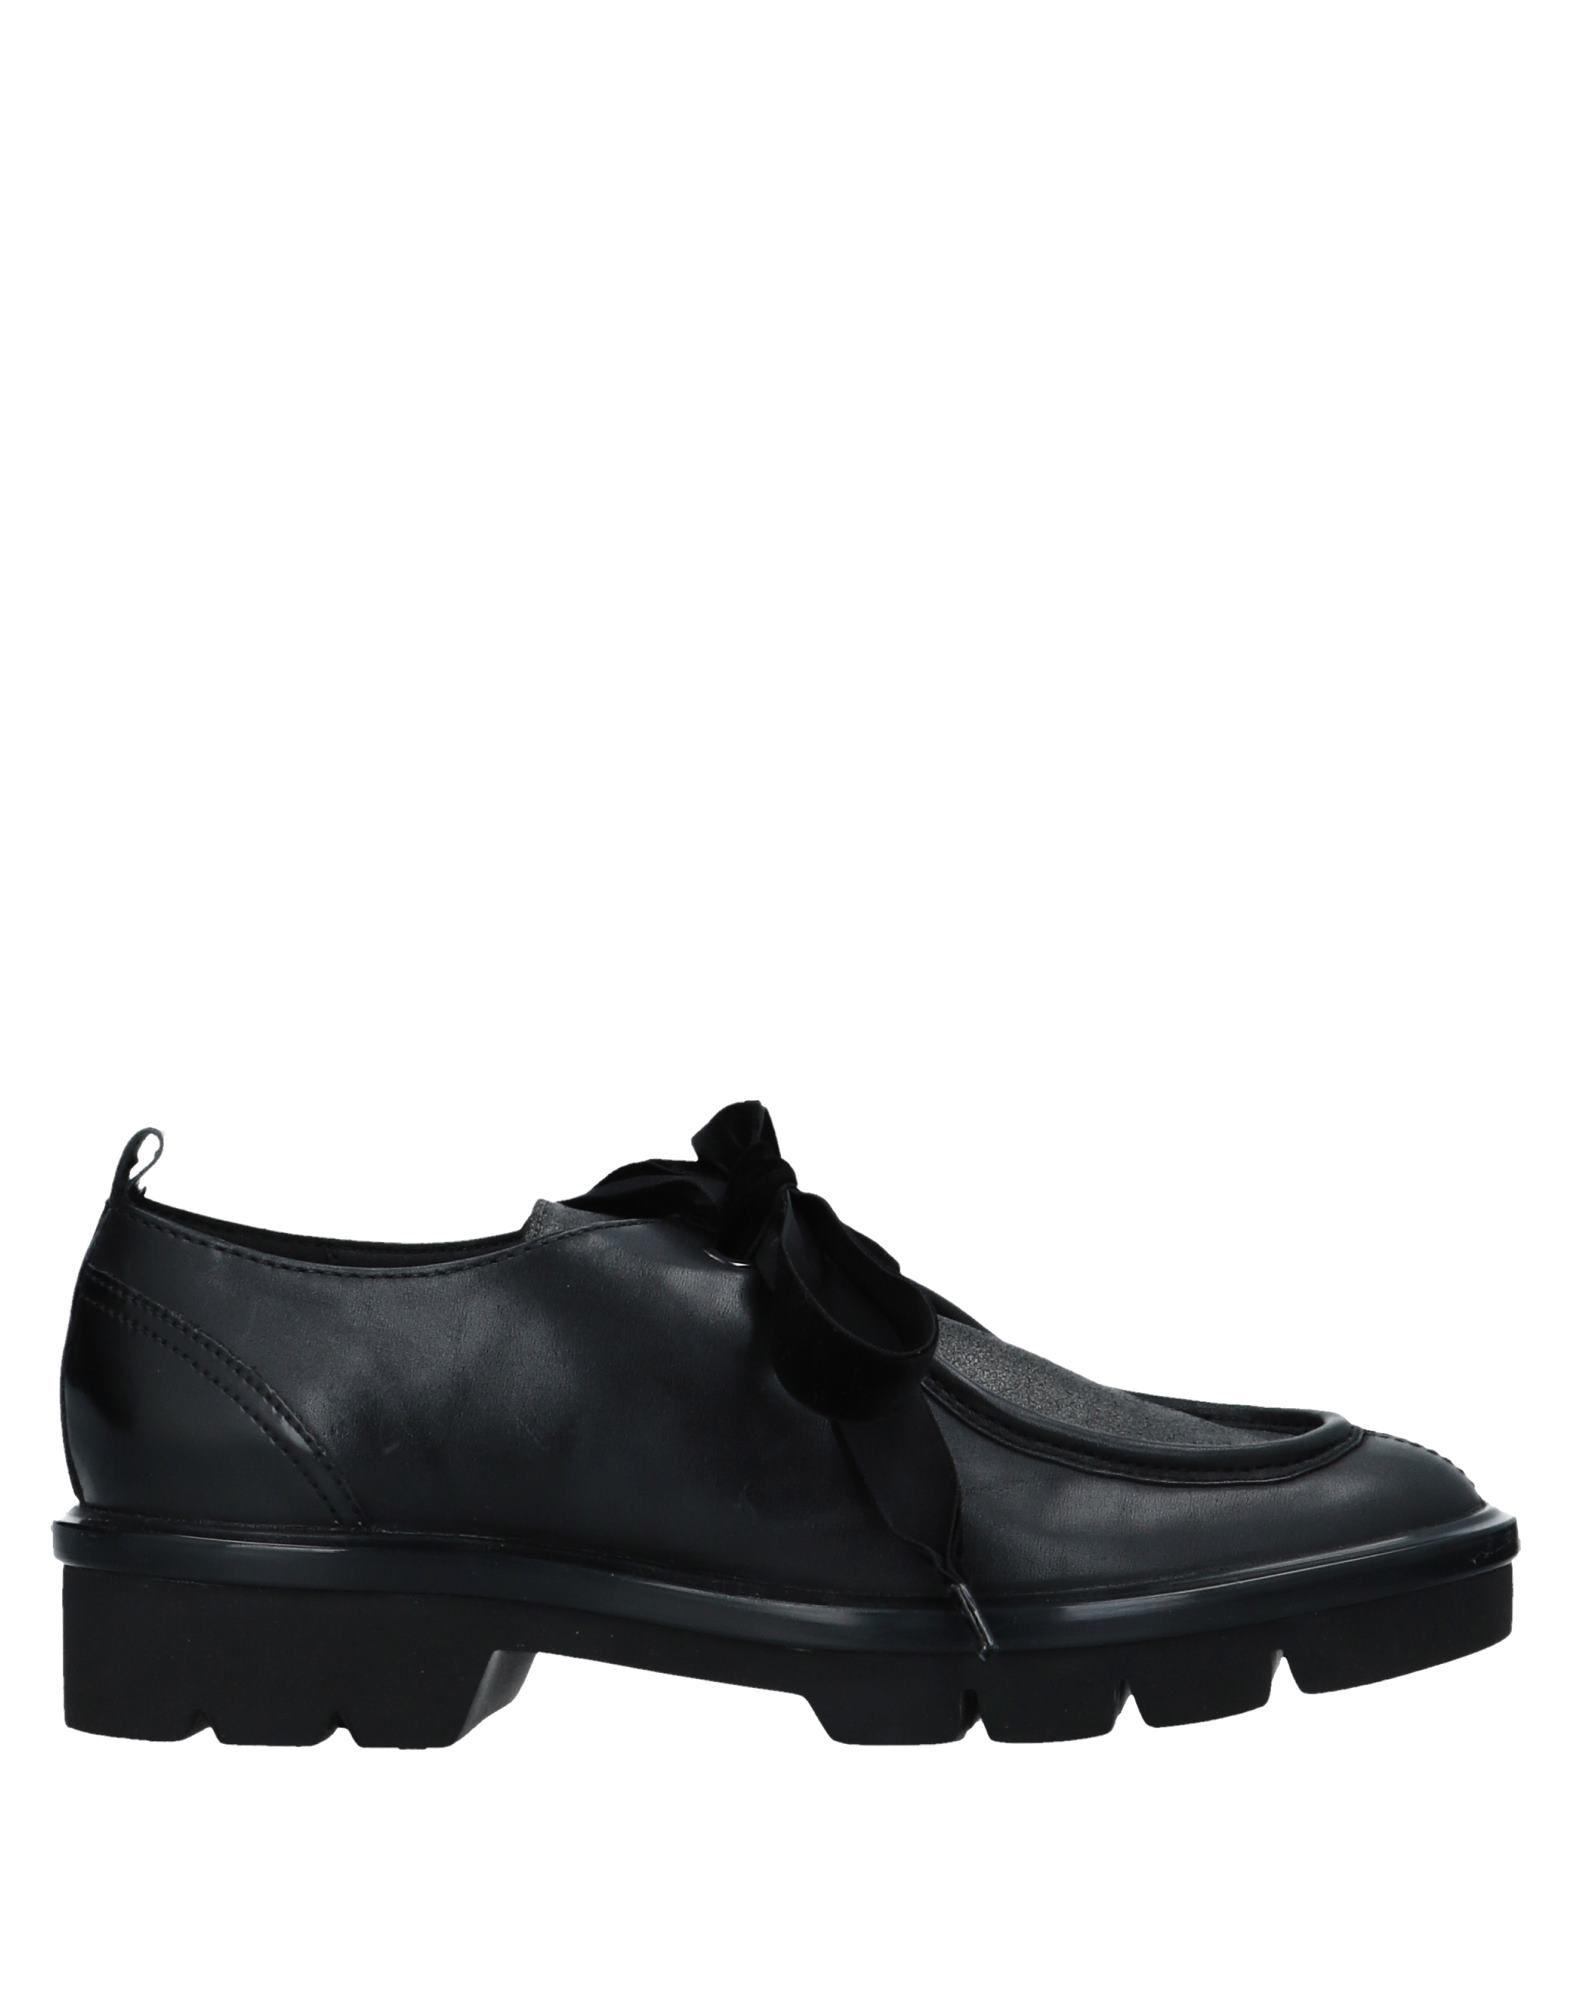 Geox Schnürschuhe 11540443EX Damen  11540443EX Schnürschuhe Gute Qualität beliebte Schuhe 7ffc3f